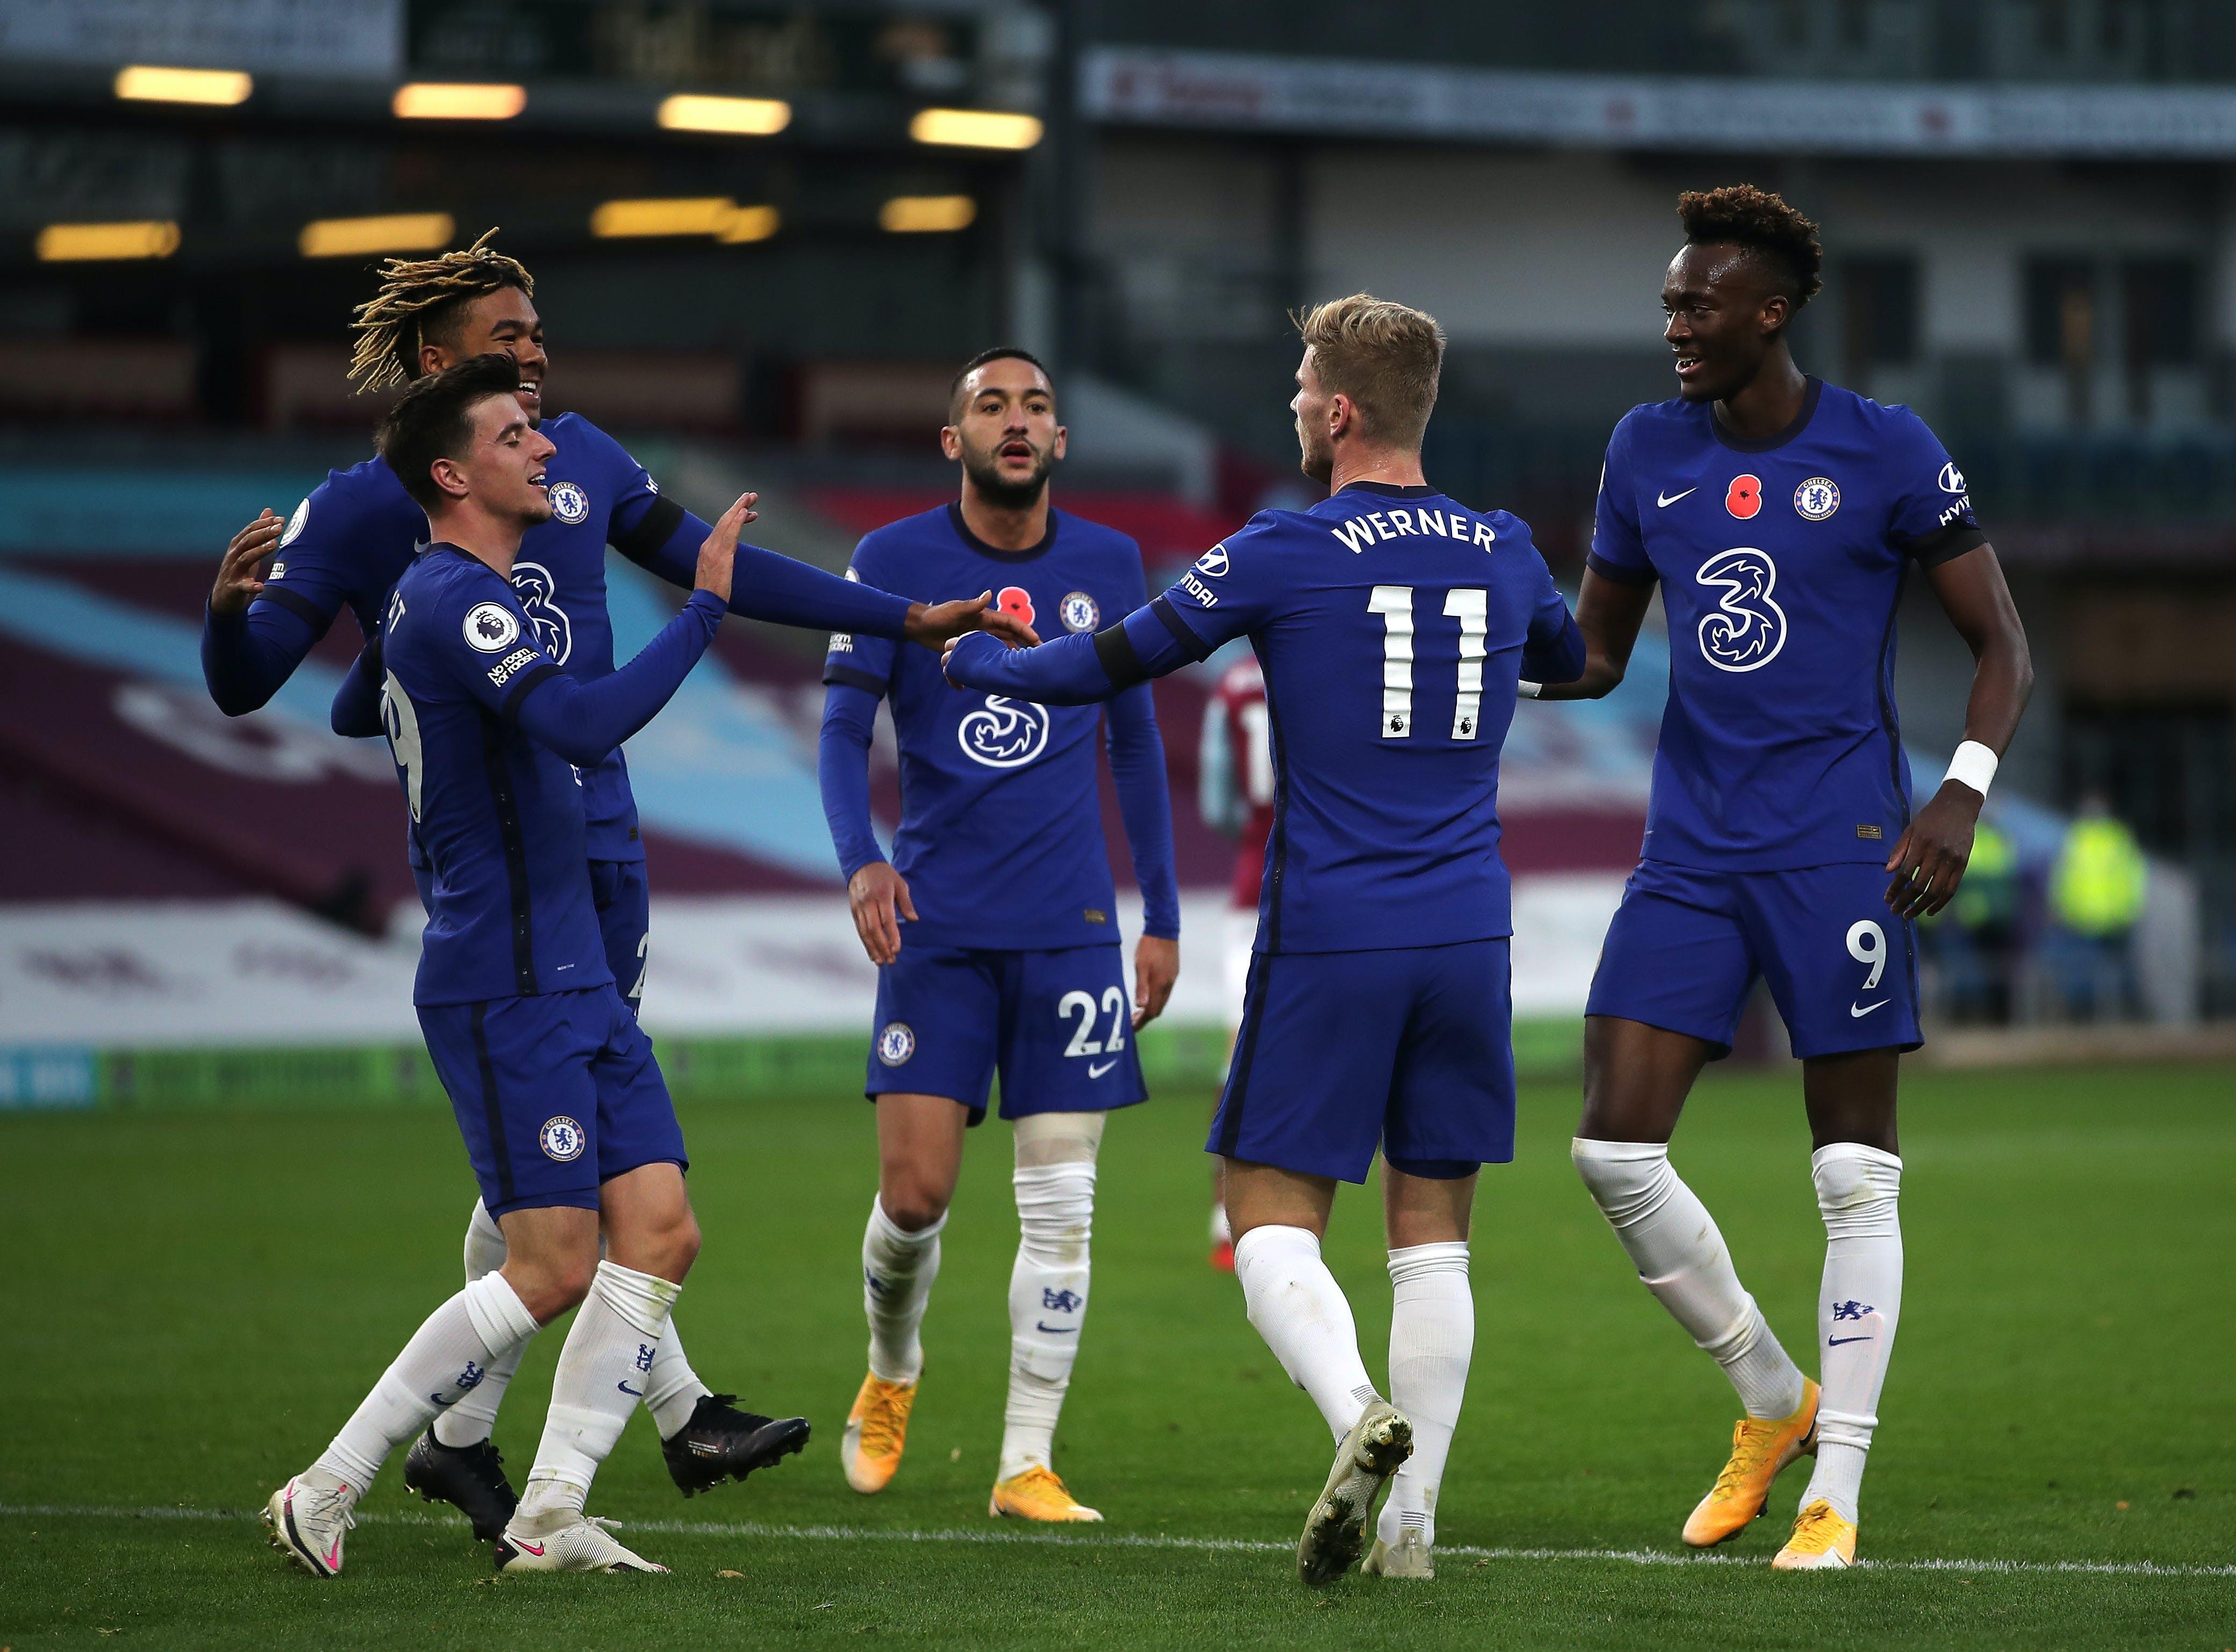 Ligue des Champions : Chelsea d'Édouard Mendy corrige Rennes d'Alfred Gomis 3-0 !